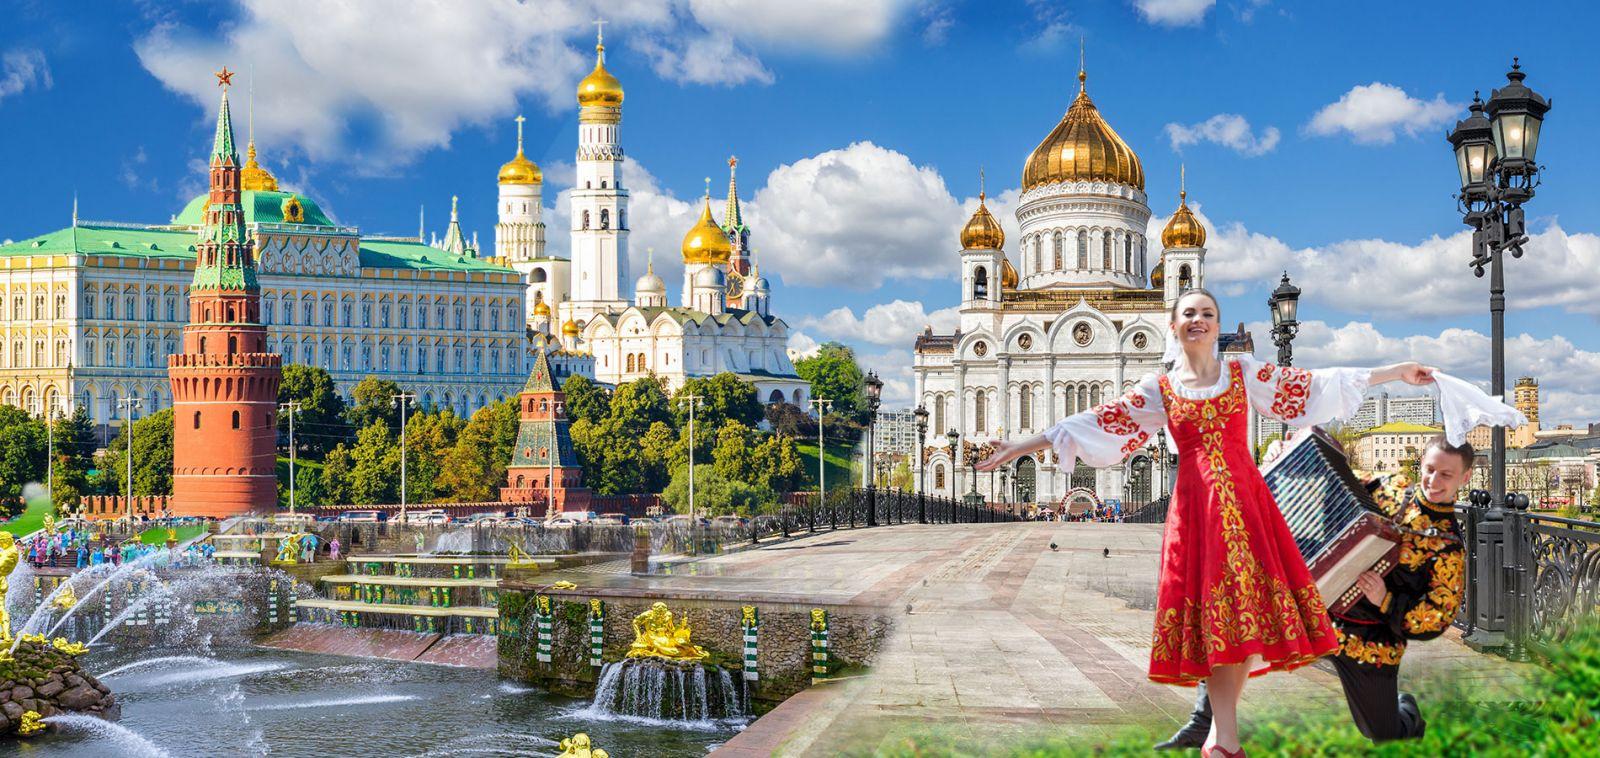 Người nước ngoài muốn thành công dân Nga phải từ bỏ quốc tịch hiện tại